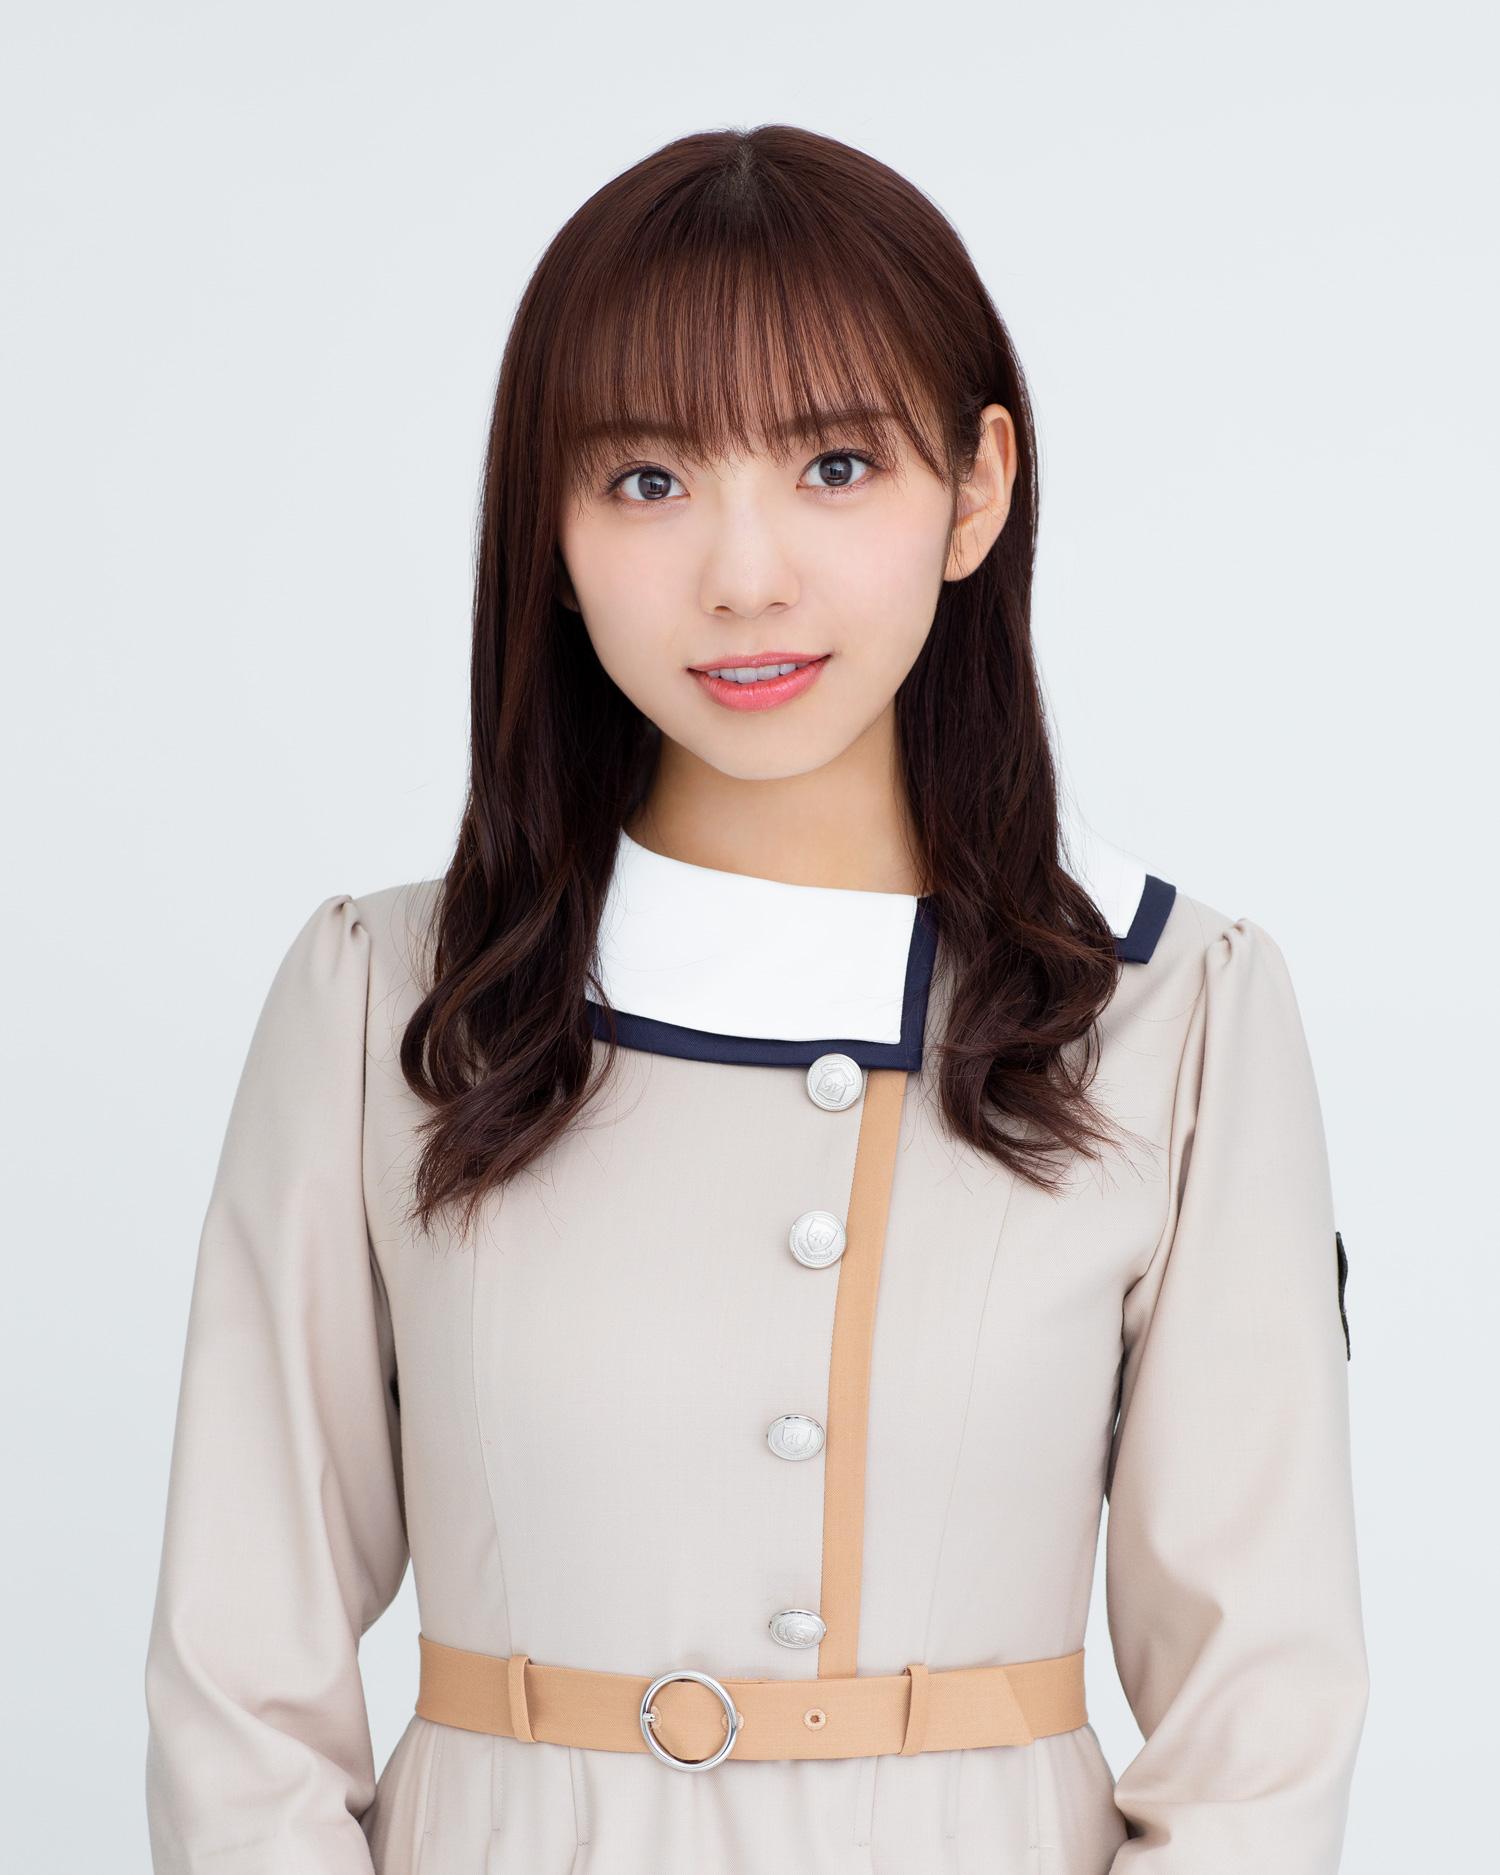 shinuchi_mai065.jpg